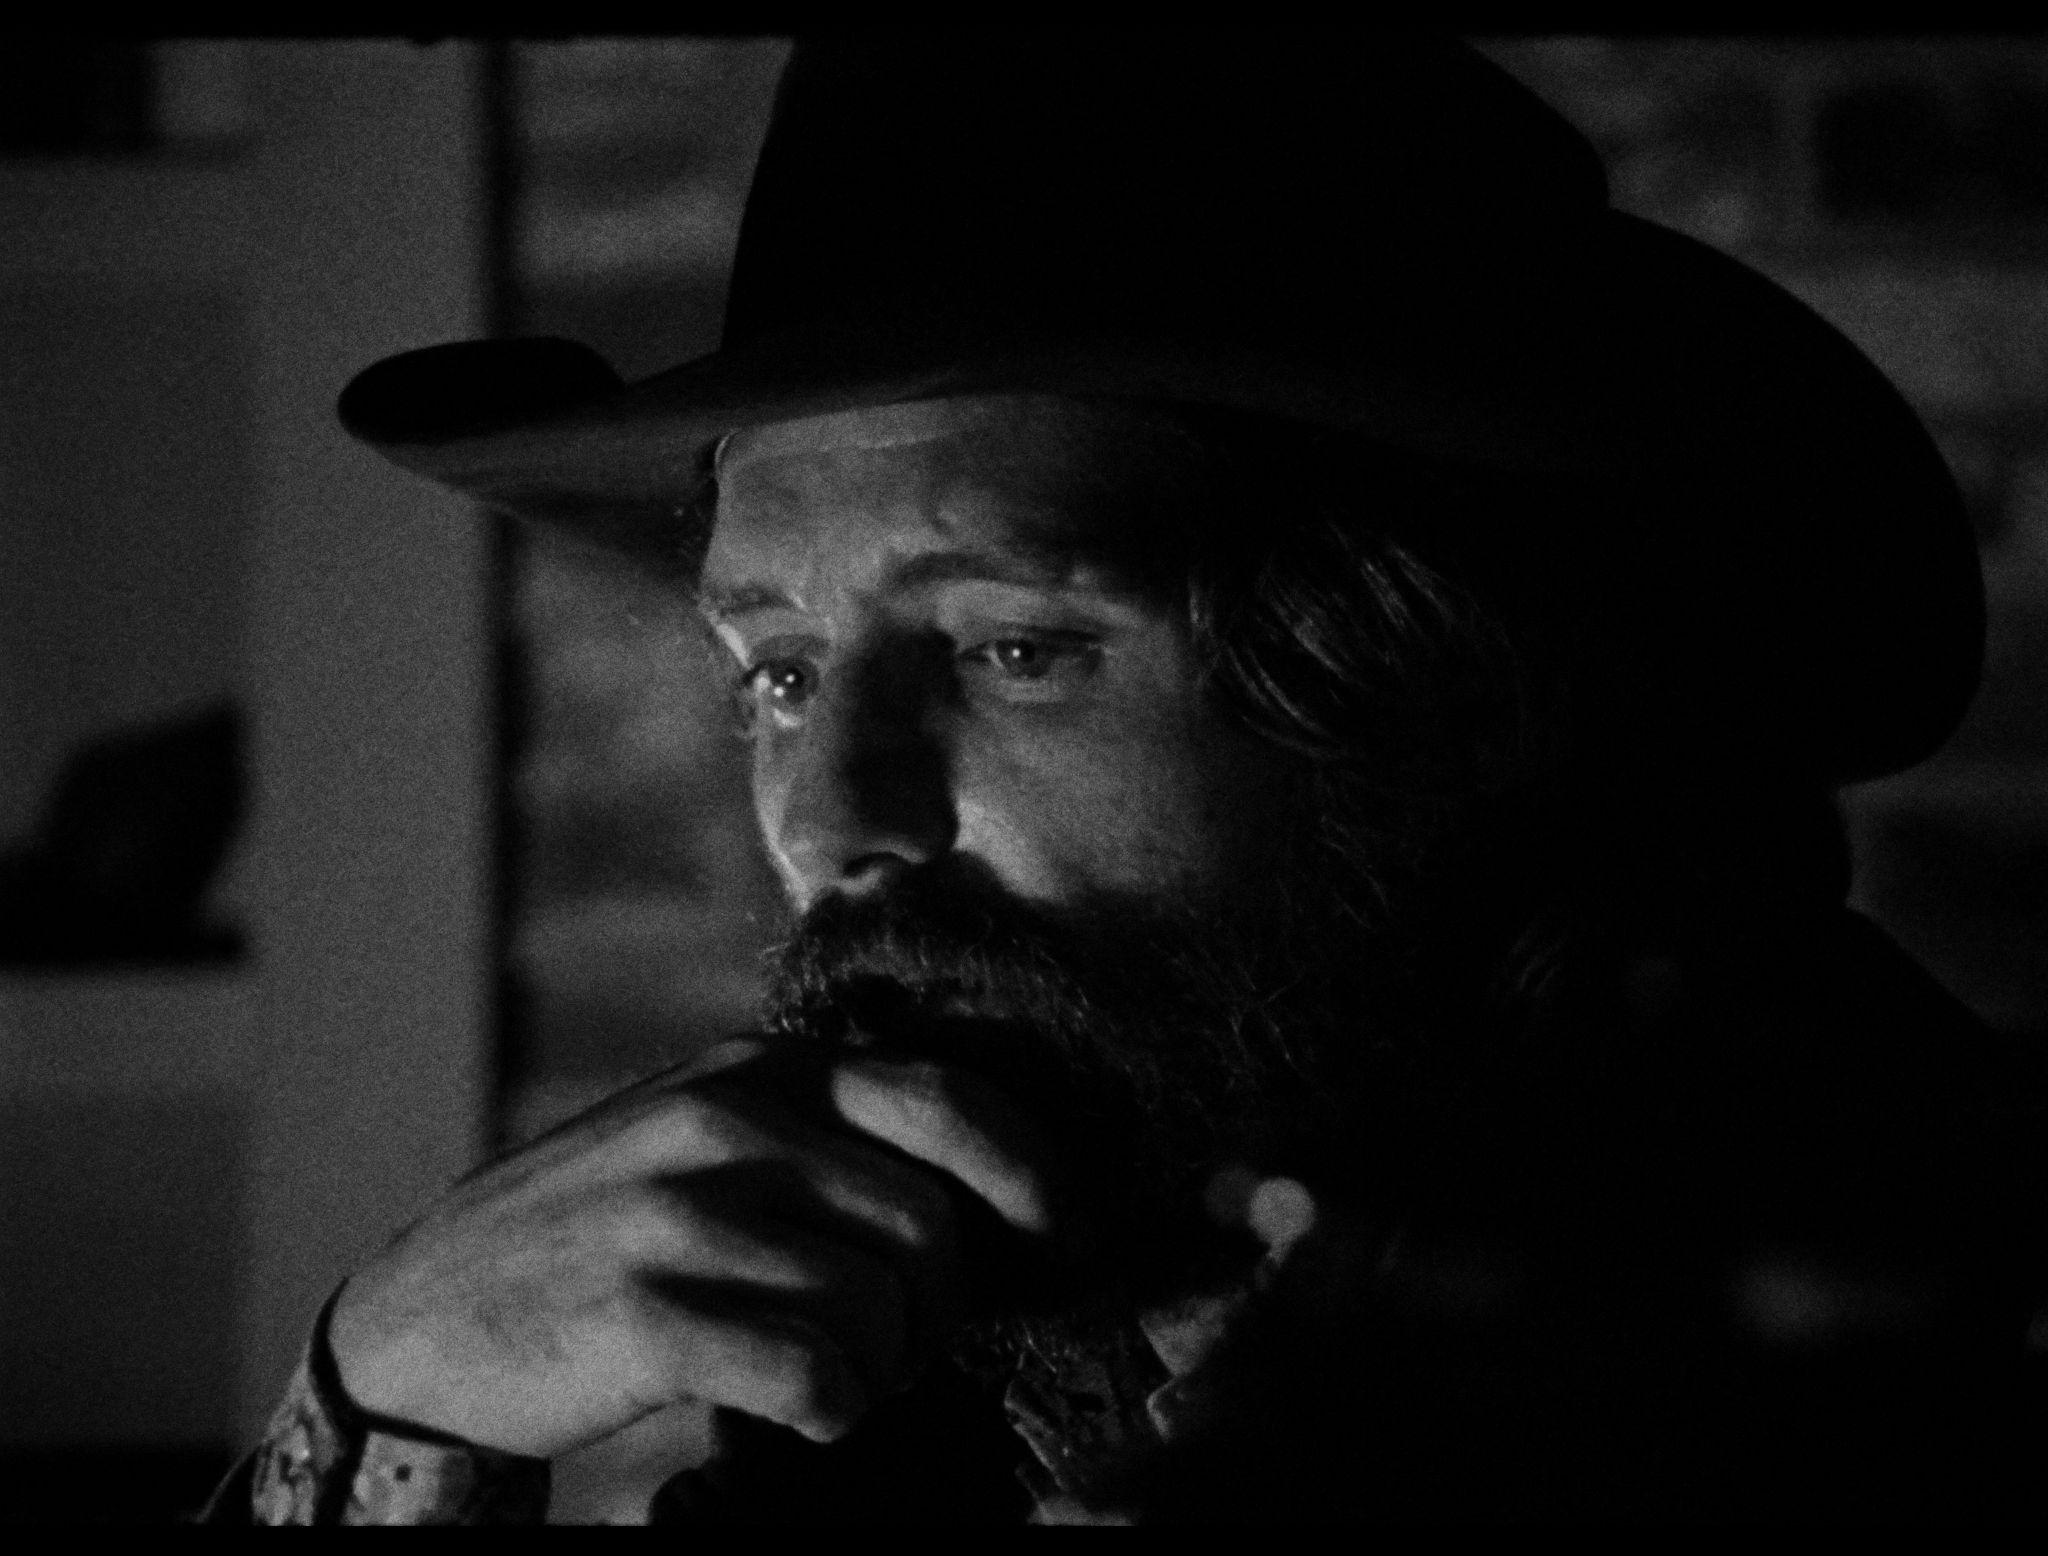 Hopper_Welles_dir_Orson_Welles_5